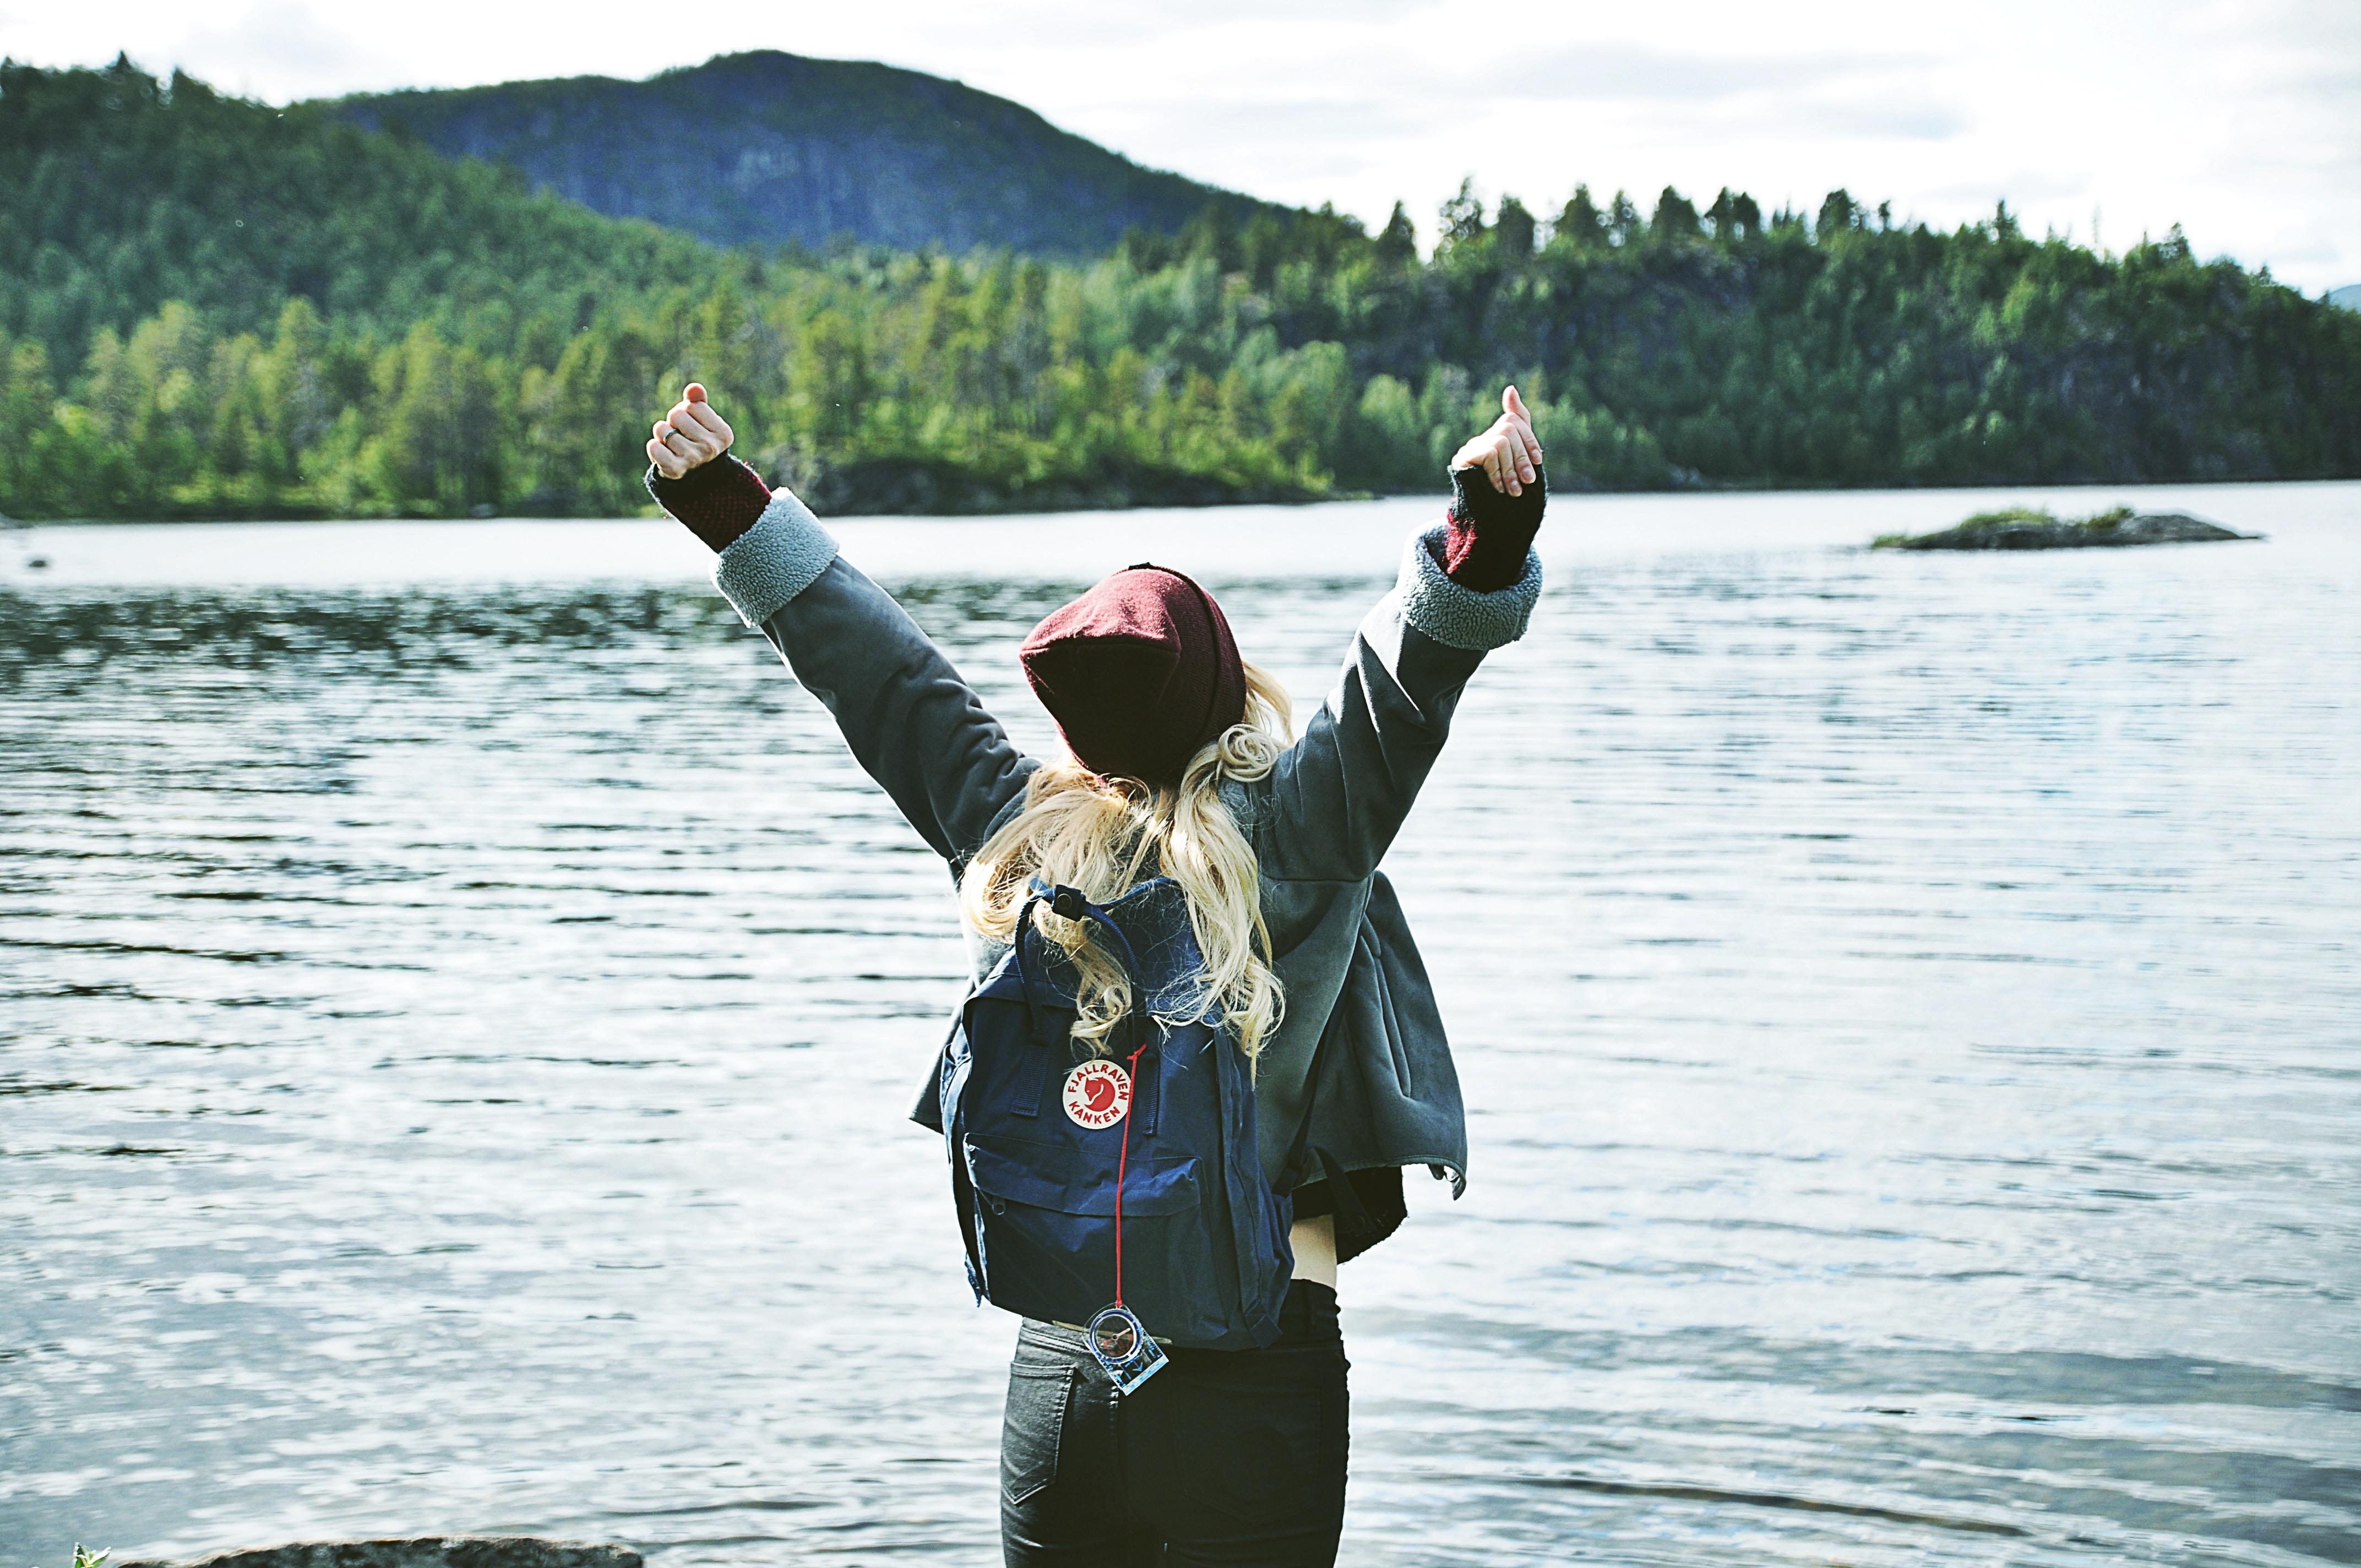 woman at lake in Fjällräven_high resolution